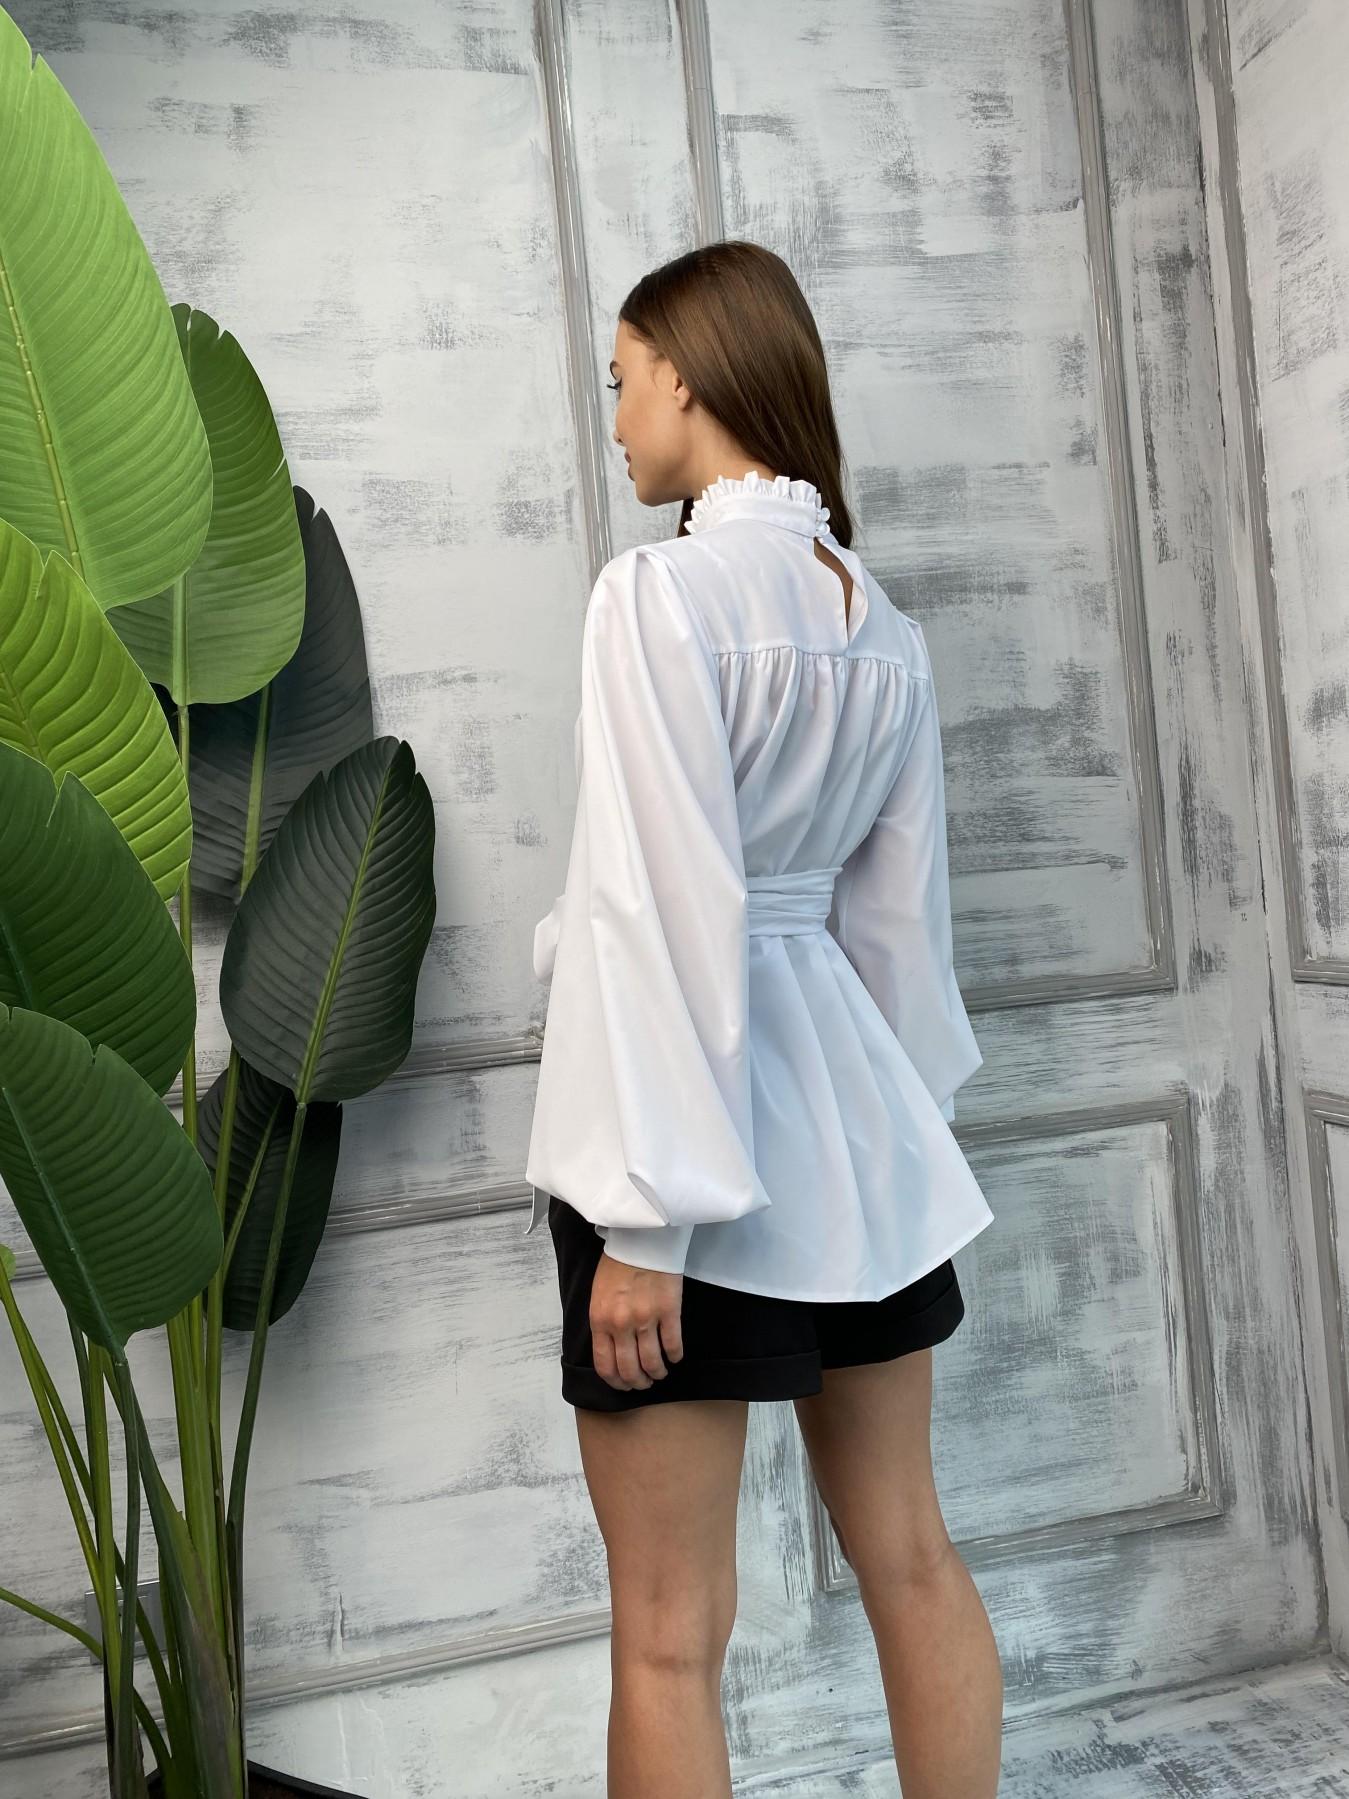 Бостон шорты костюмка креп стрейч 11676 АРТ. 48384 Цвет: Черный - фото 5, интернет магазин tm-modus.ru